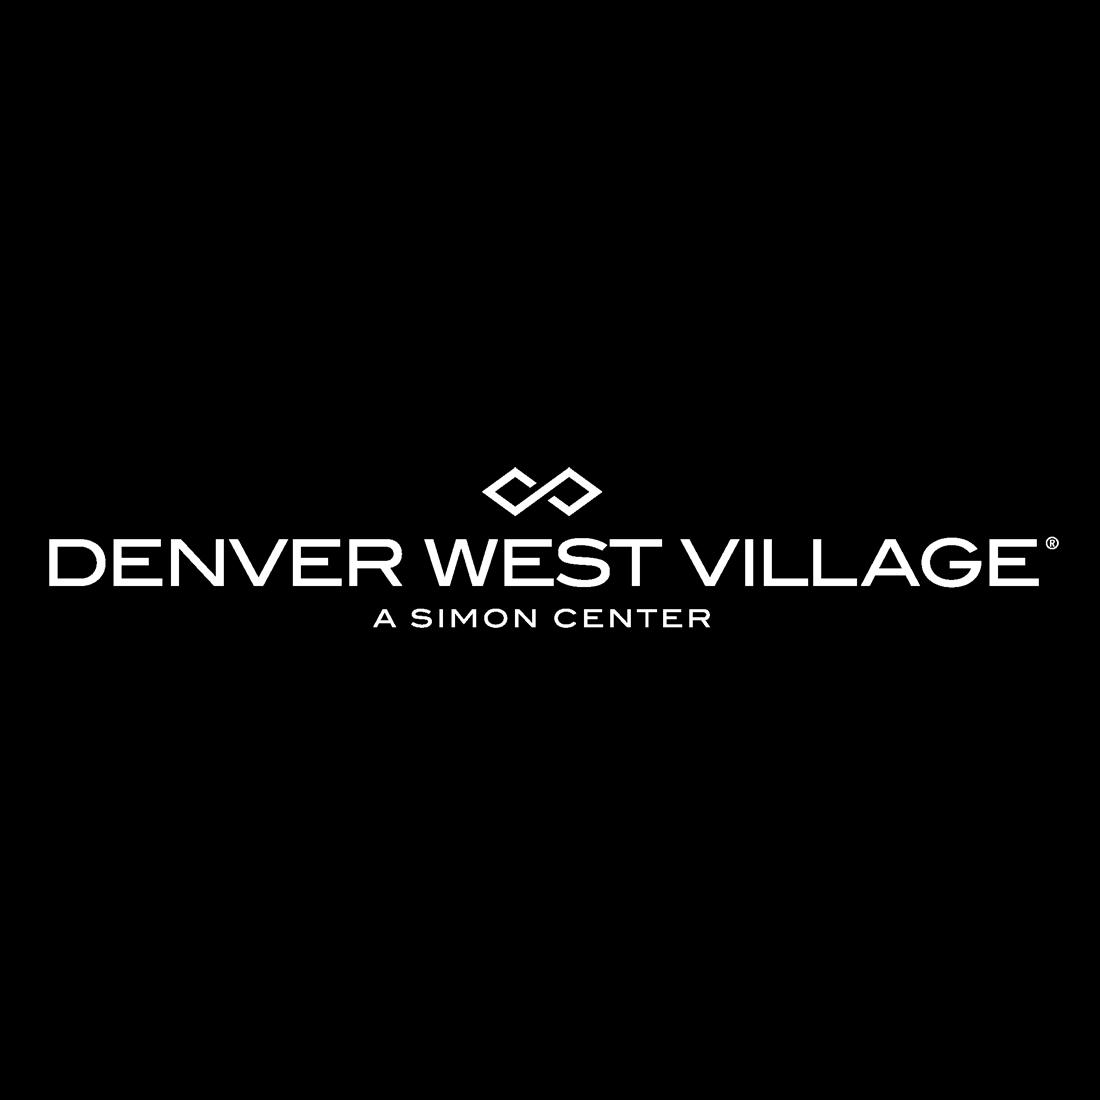 Denver West Village